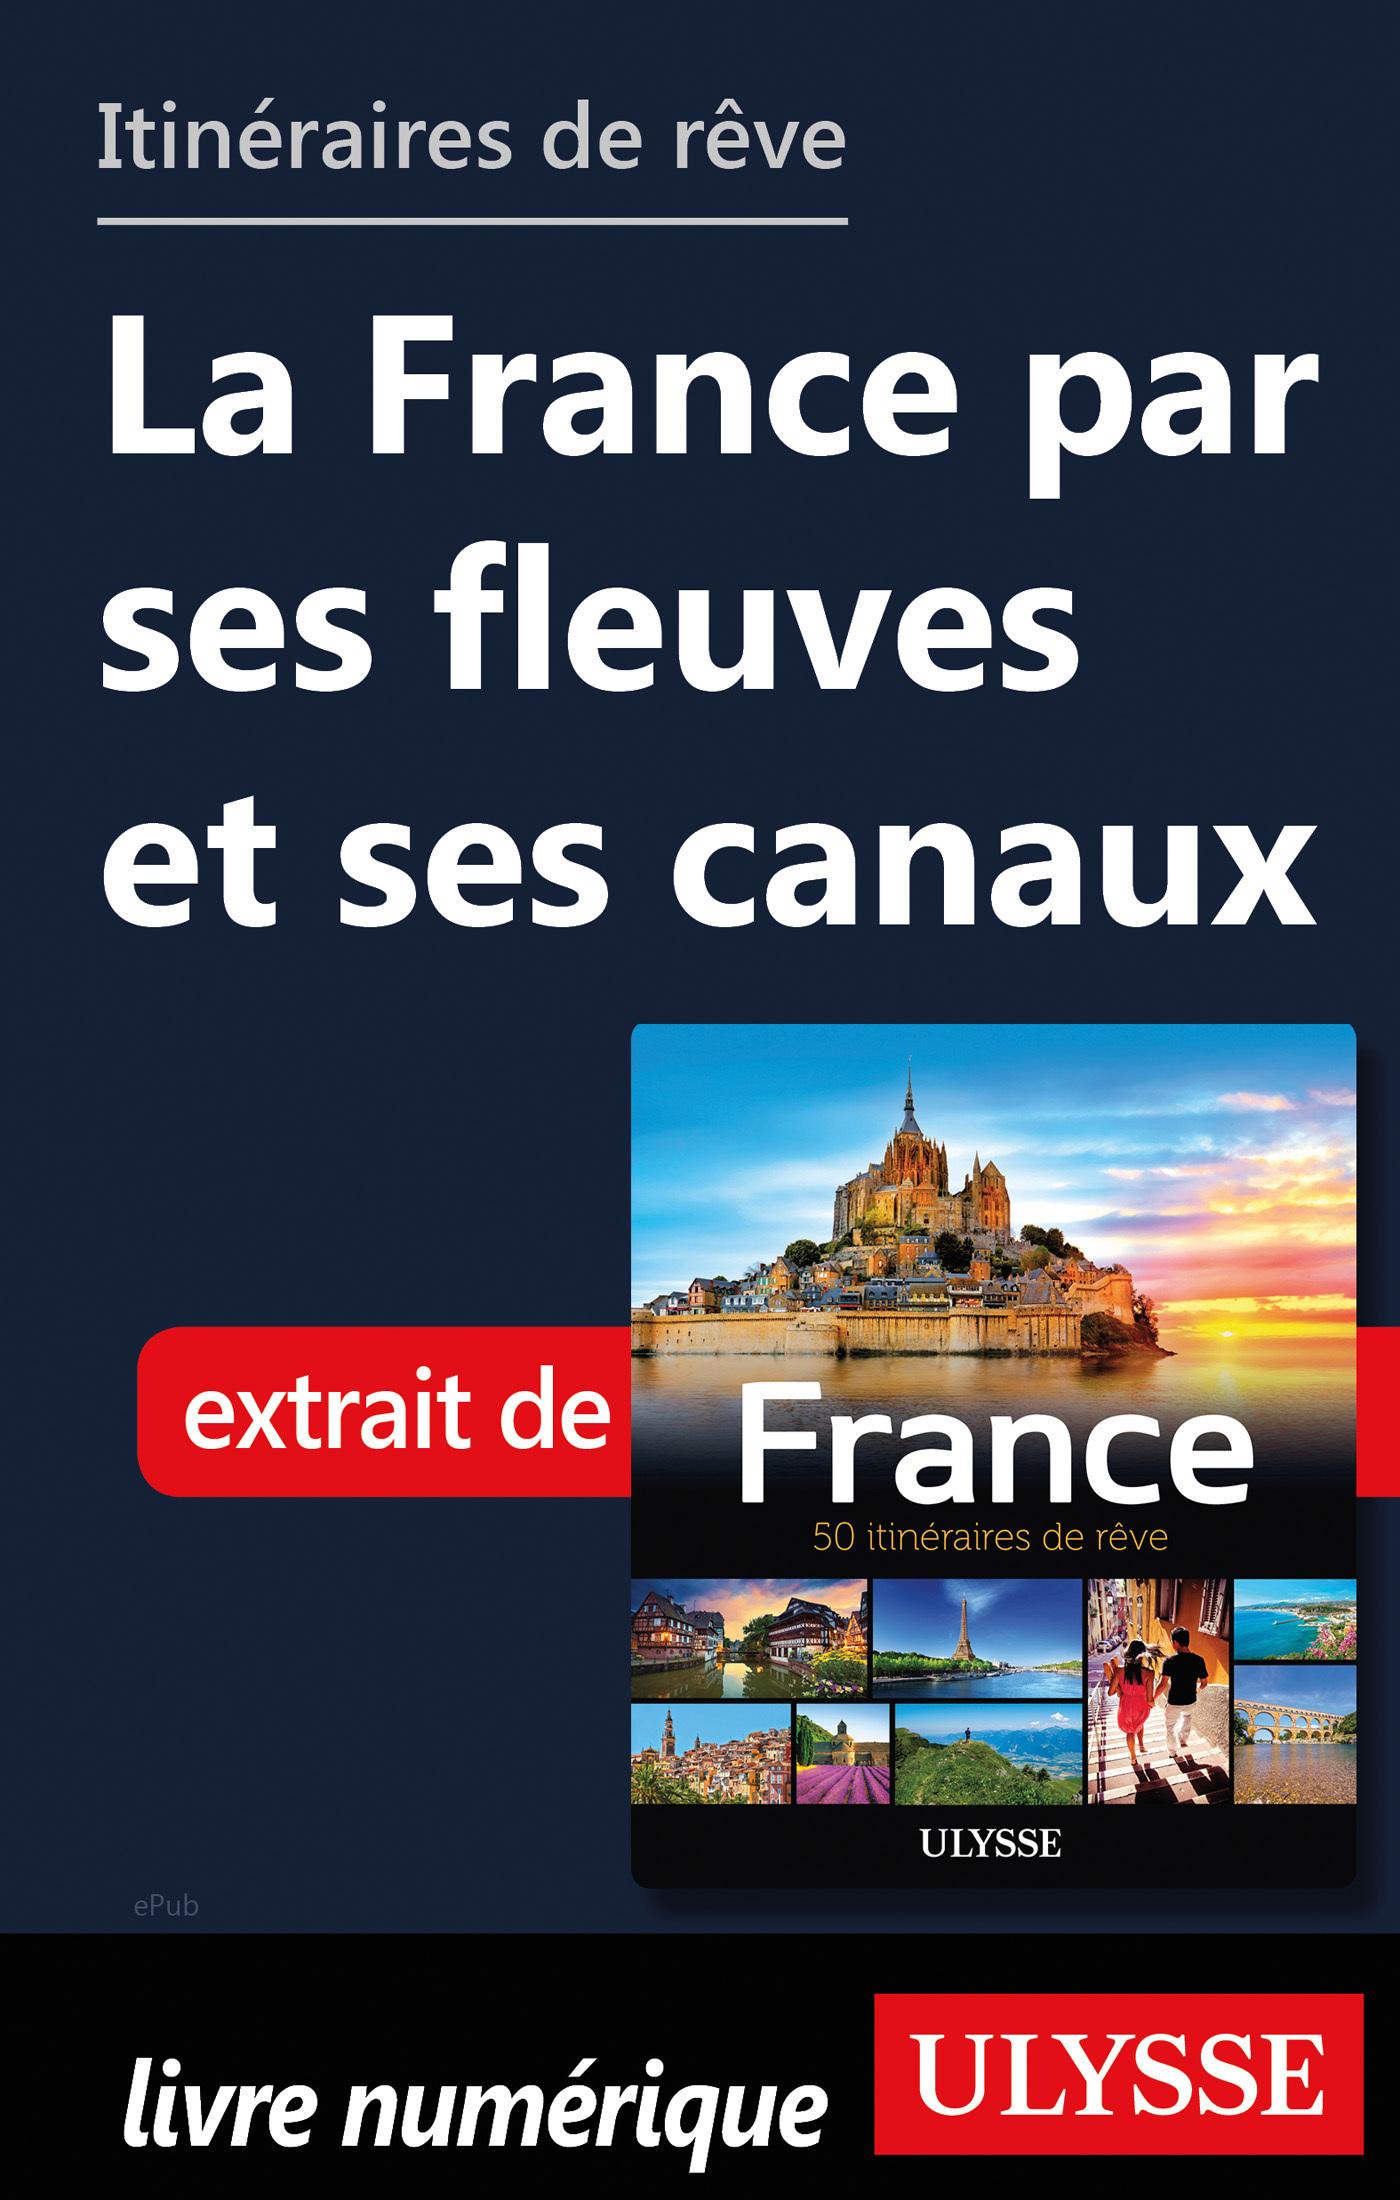 Itinéraires de rêve - La France par ses fleuves et ses canaux